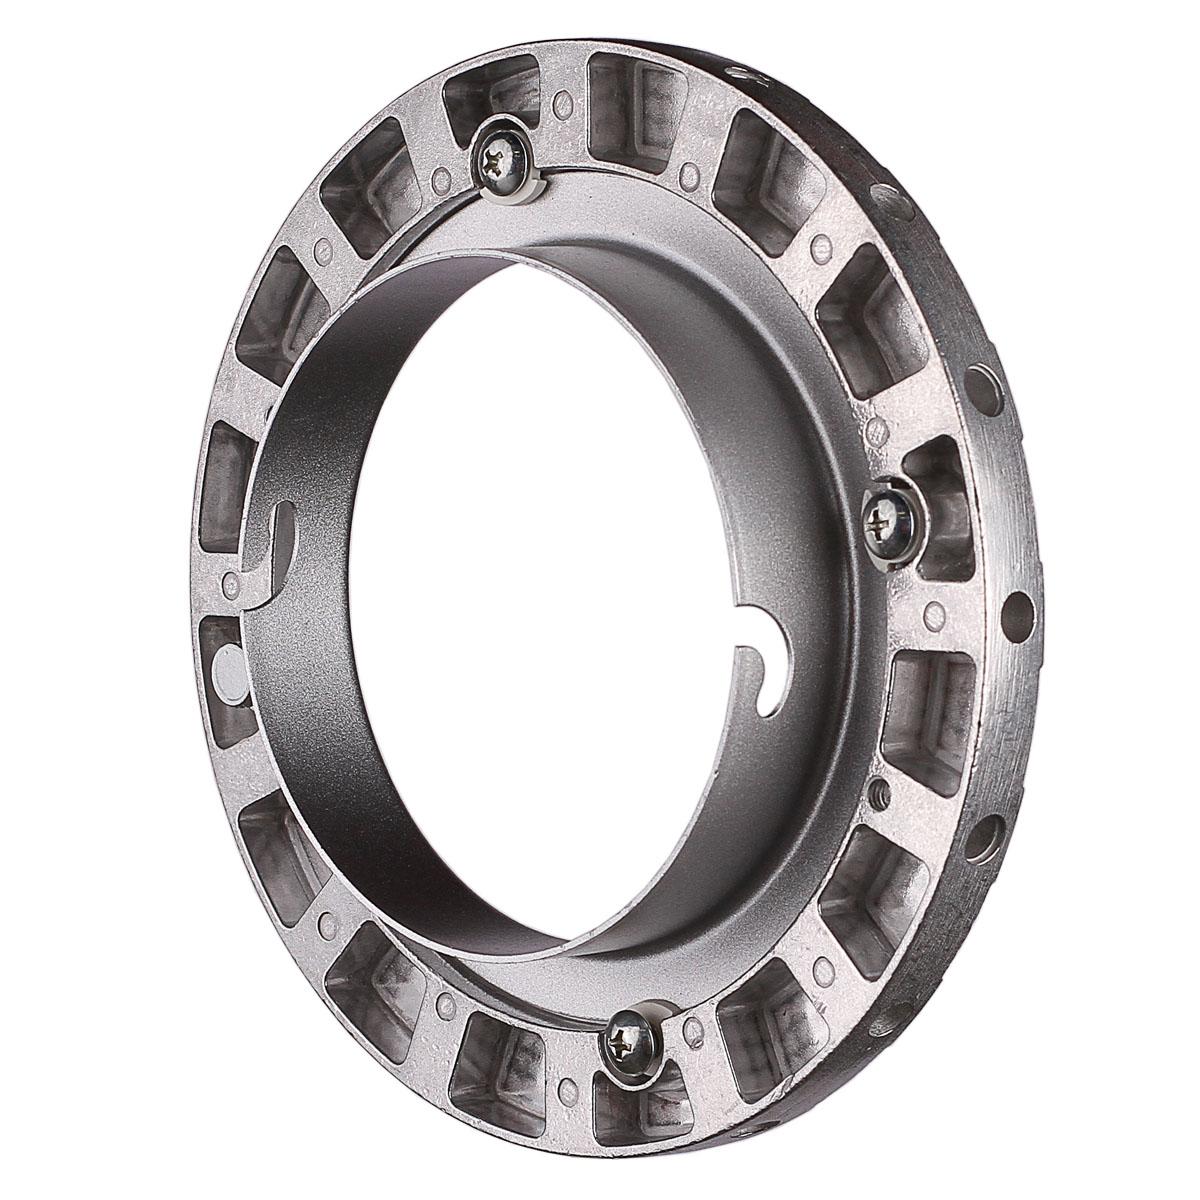 Phottix Speed Ring For Elinchrom (144mm, 16-Hole)